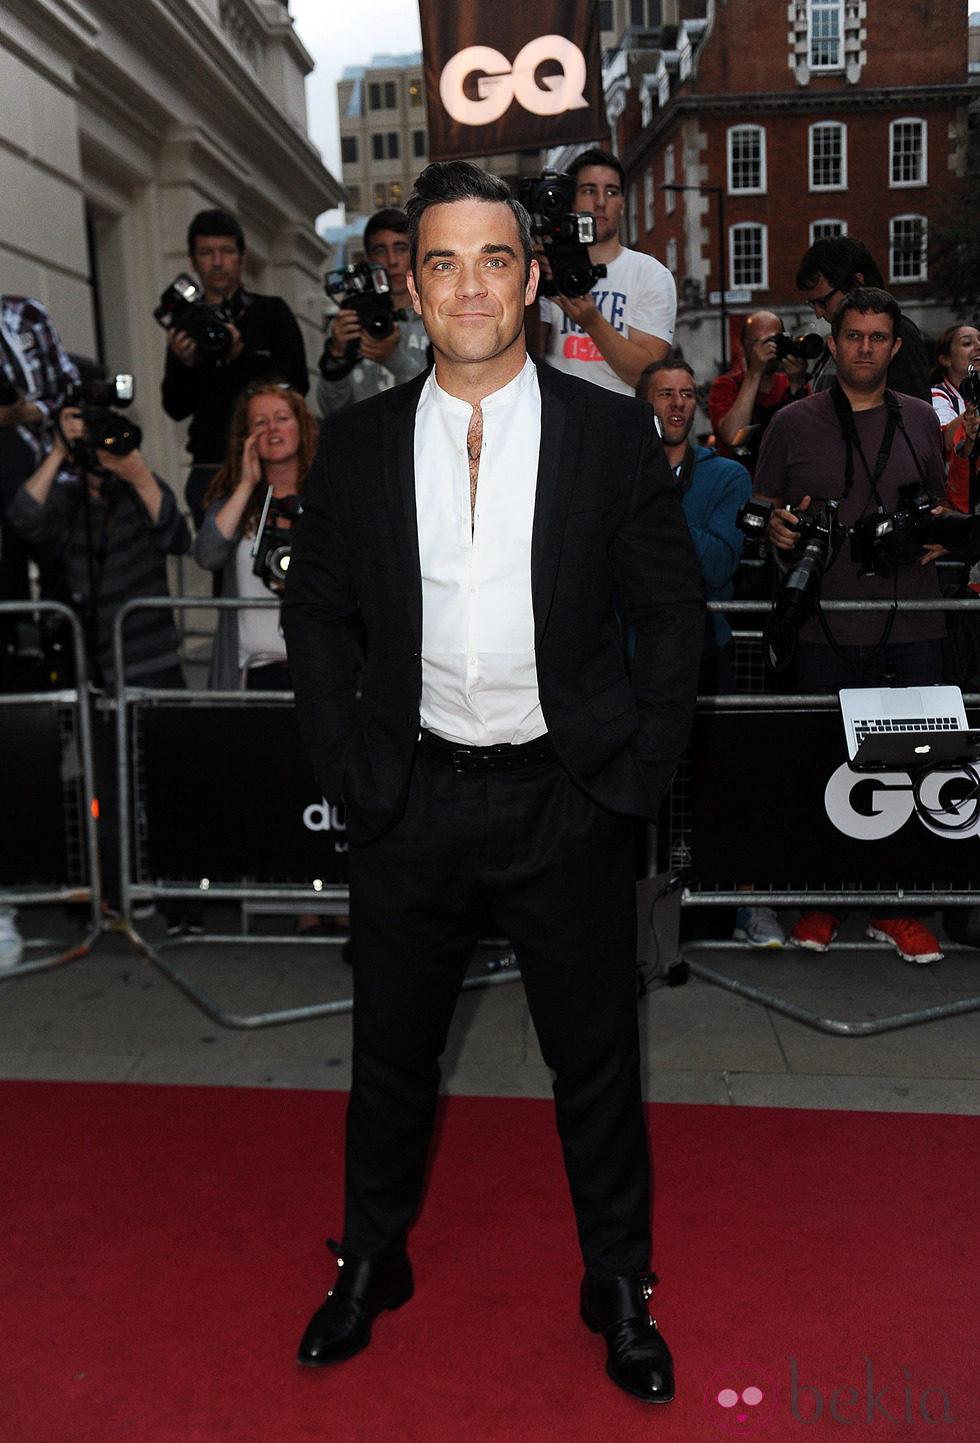 Robbie Williams en los Premios GQ Hombres del Año 2012 en Londres